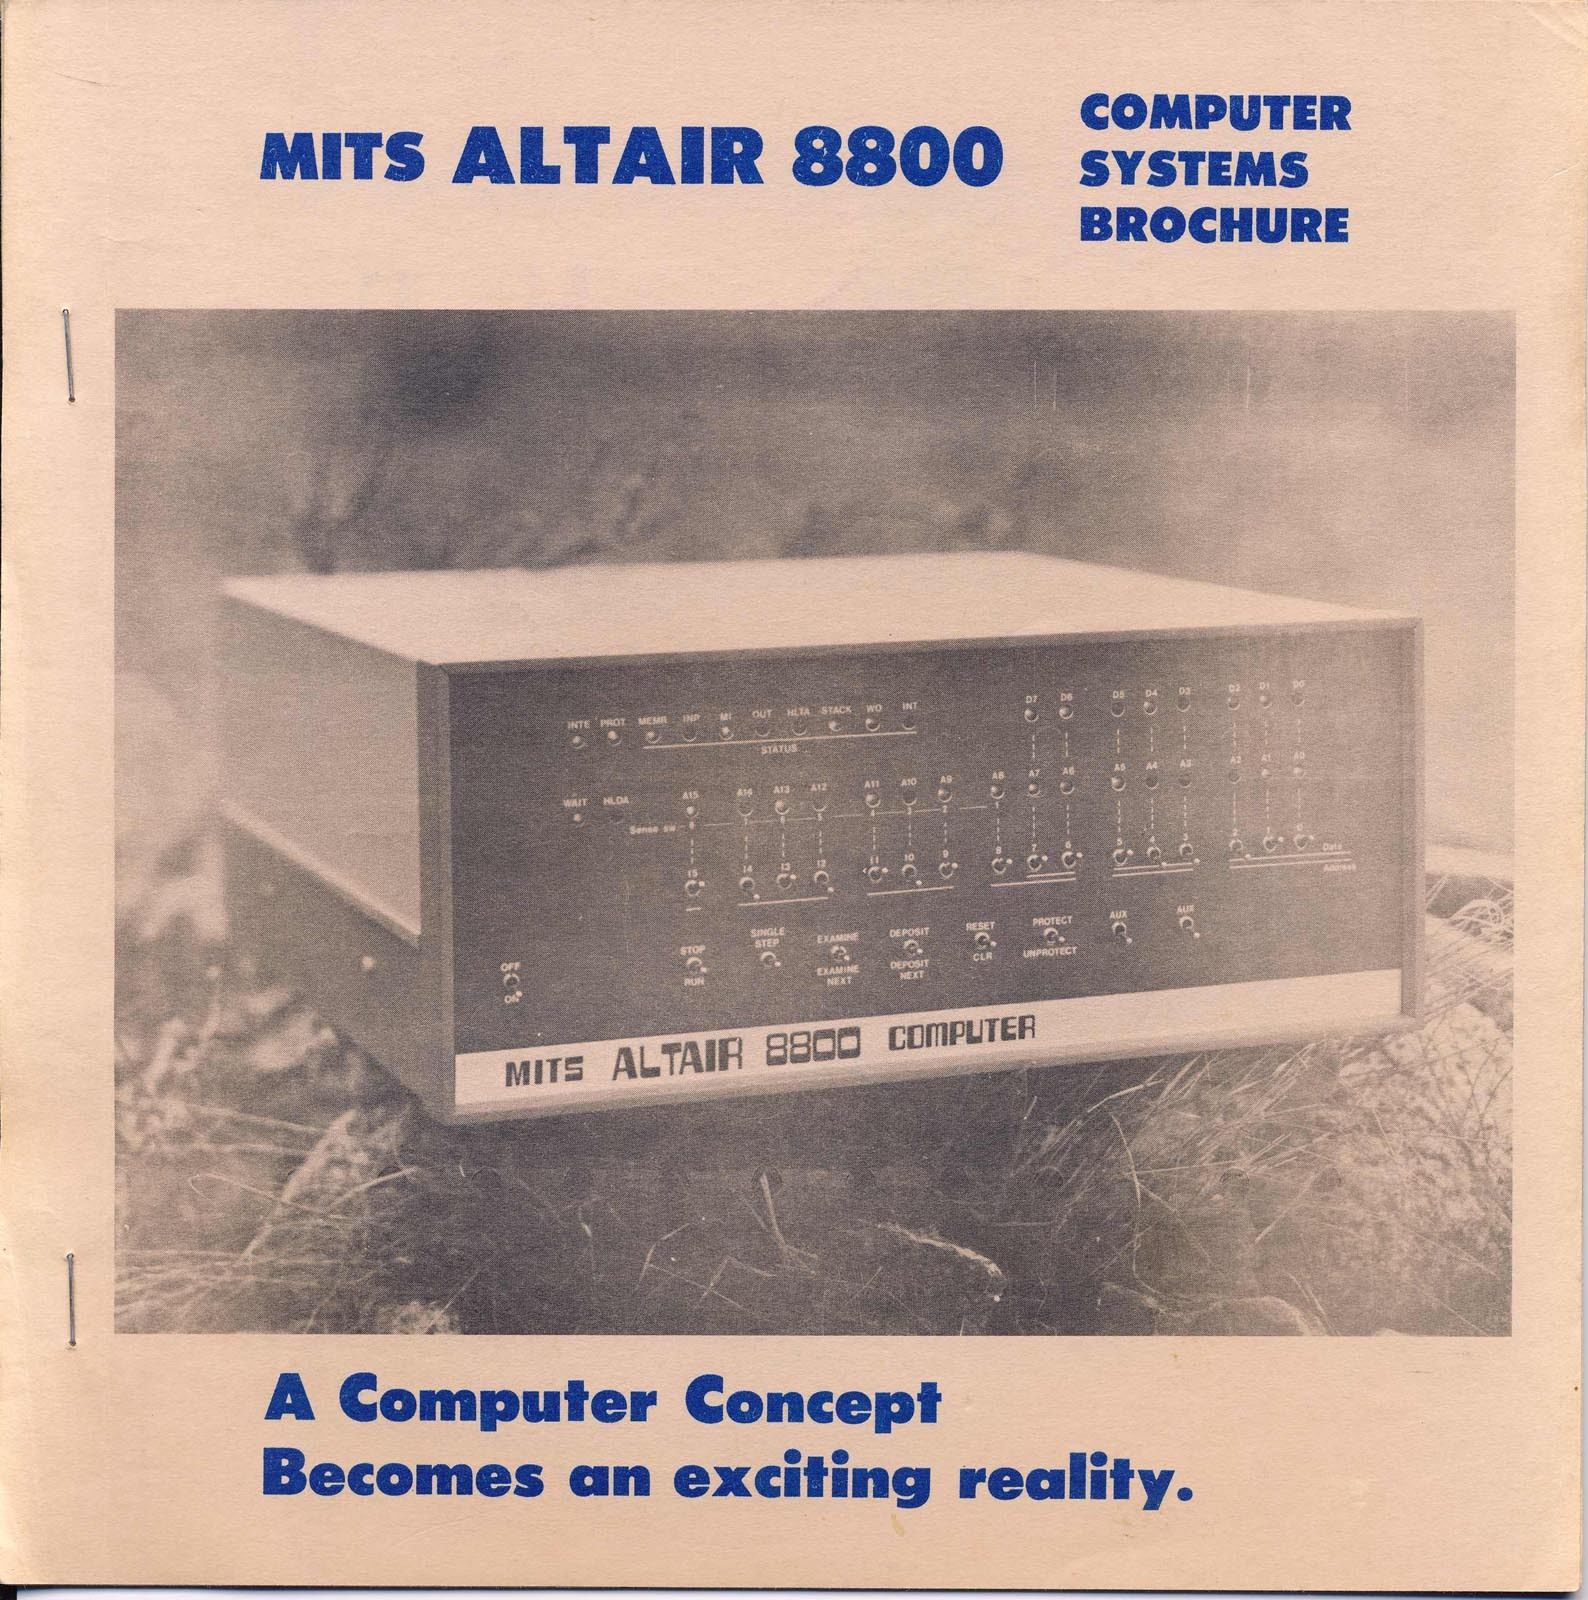 dd74f0f99248 General mits literature JPG 1588x1600 88000 altair